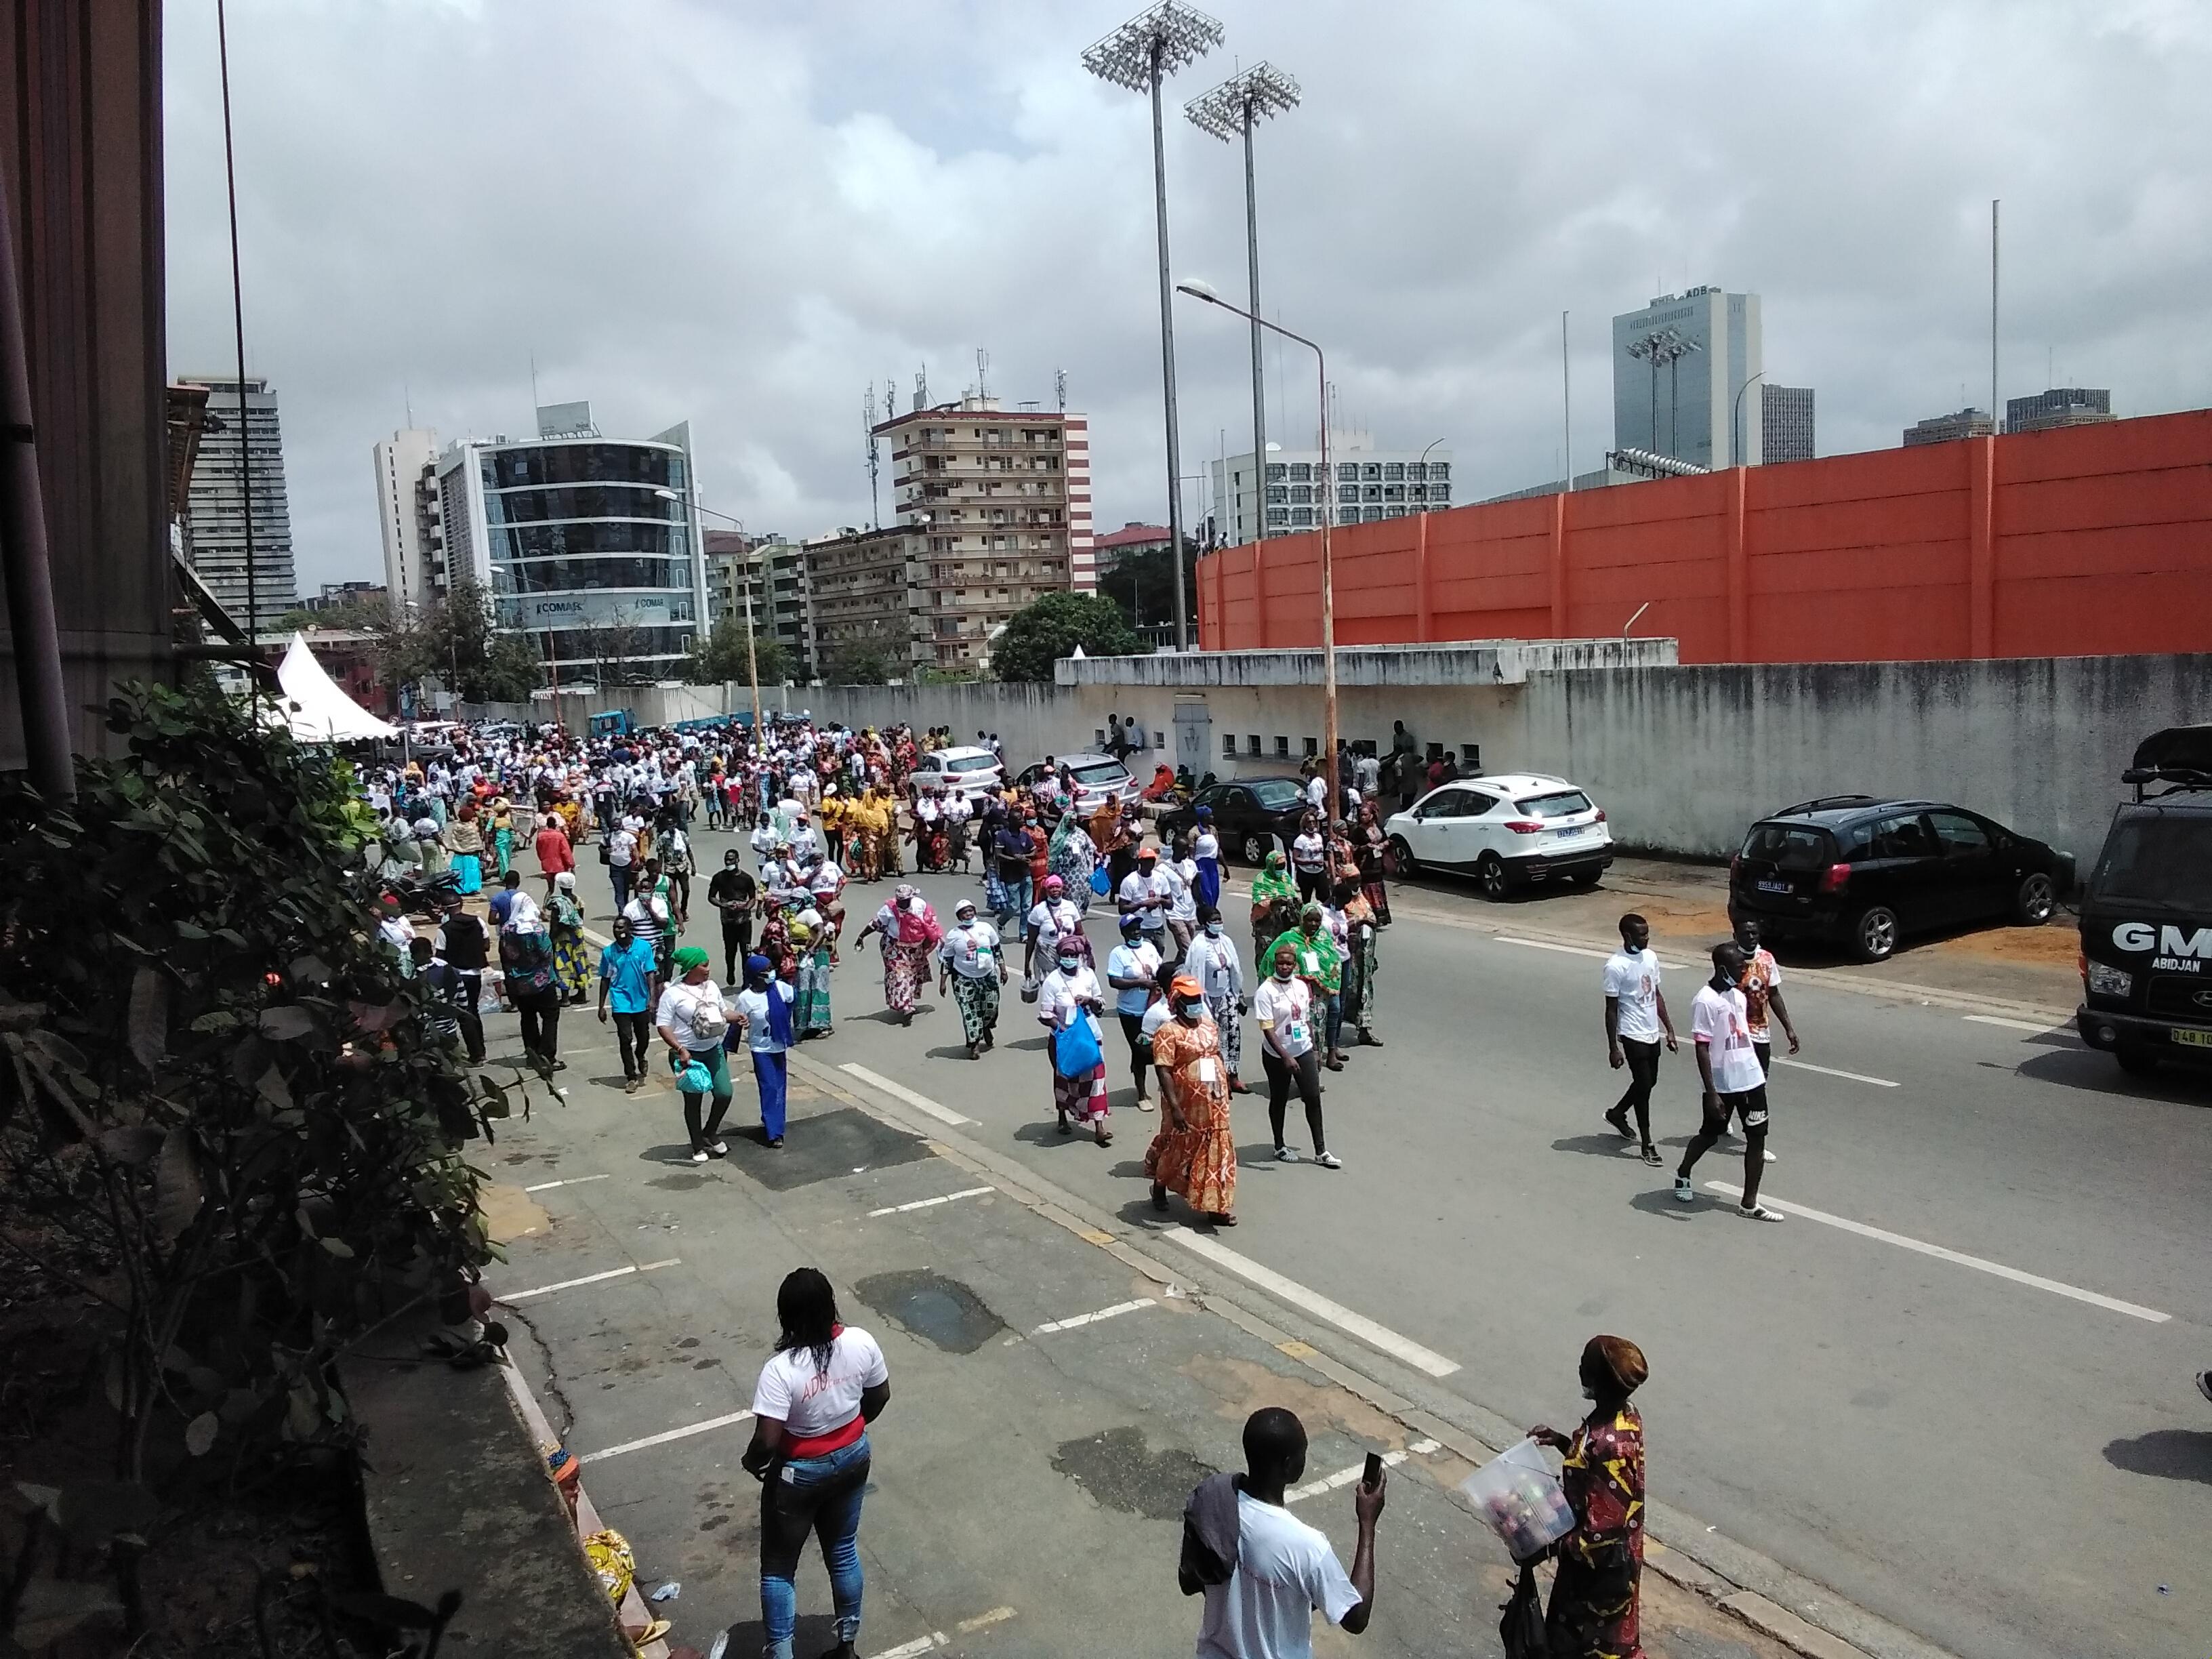 investiture-du-candidat-du-rhdp-les-militants-quittent-le-stade-avant-la-fin-du-discours-de-ouattara